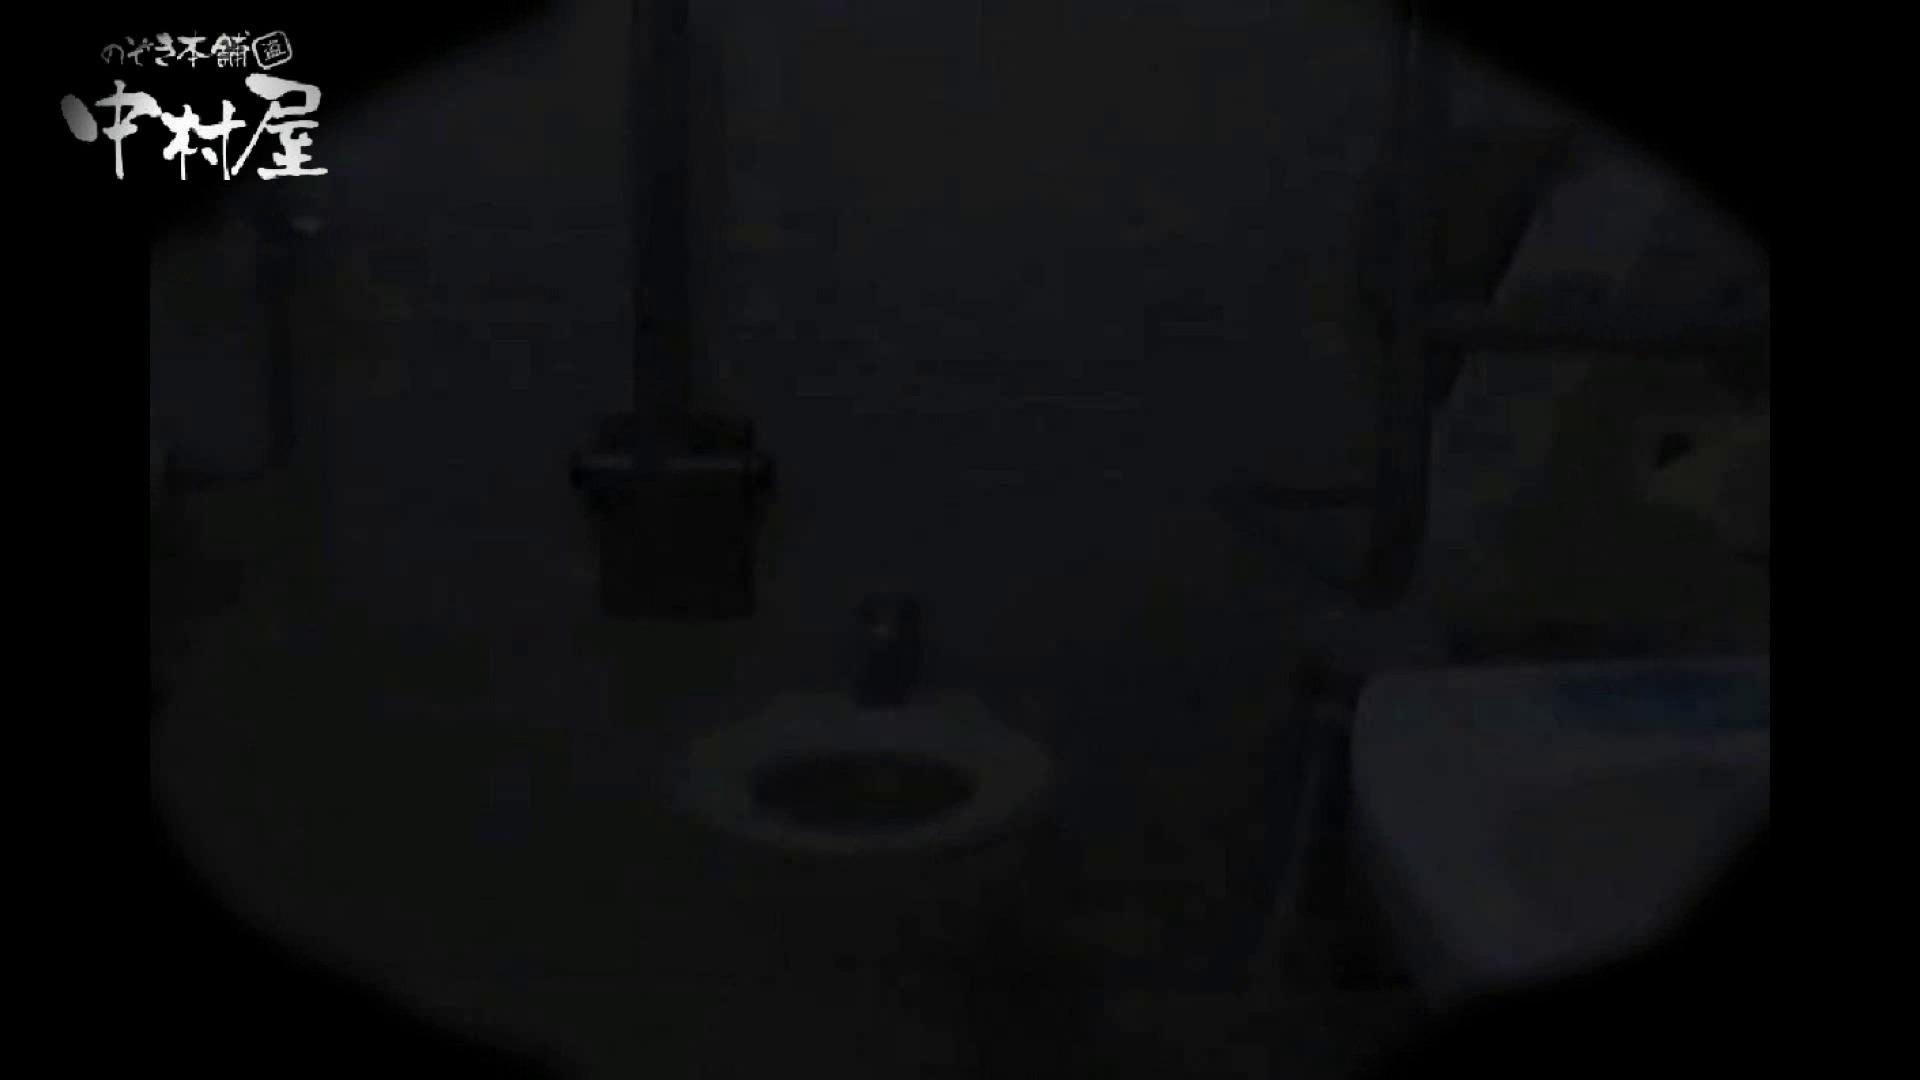 teen galトイレ覗き紙がナイ編‼vol.13 覗きマニア 戯れ無修正画像 12pic 7